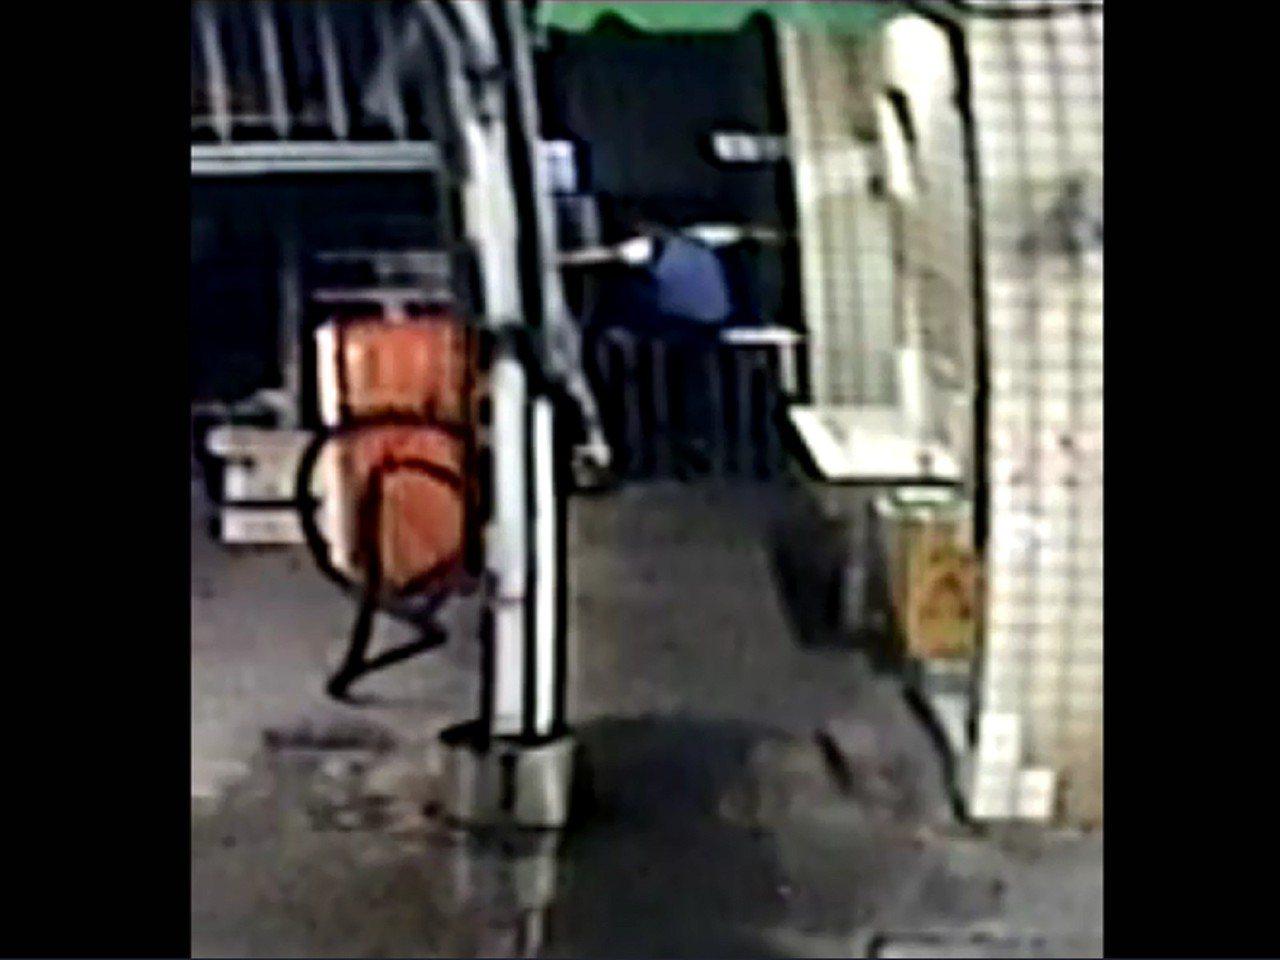 草屯鎮林姓加油站員工尾隨女子偷拍其如廁畫面,期間還不斷翻越欄杆,降低被發現機率。...